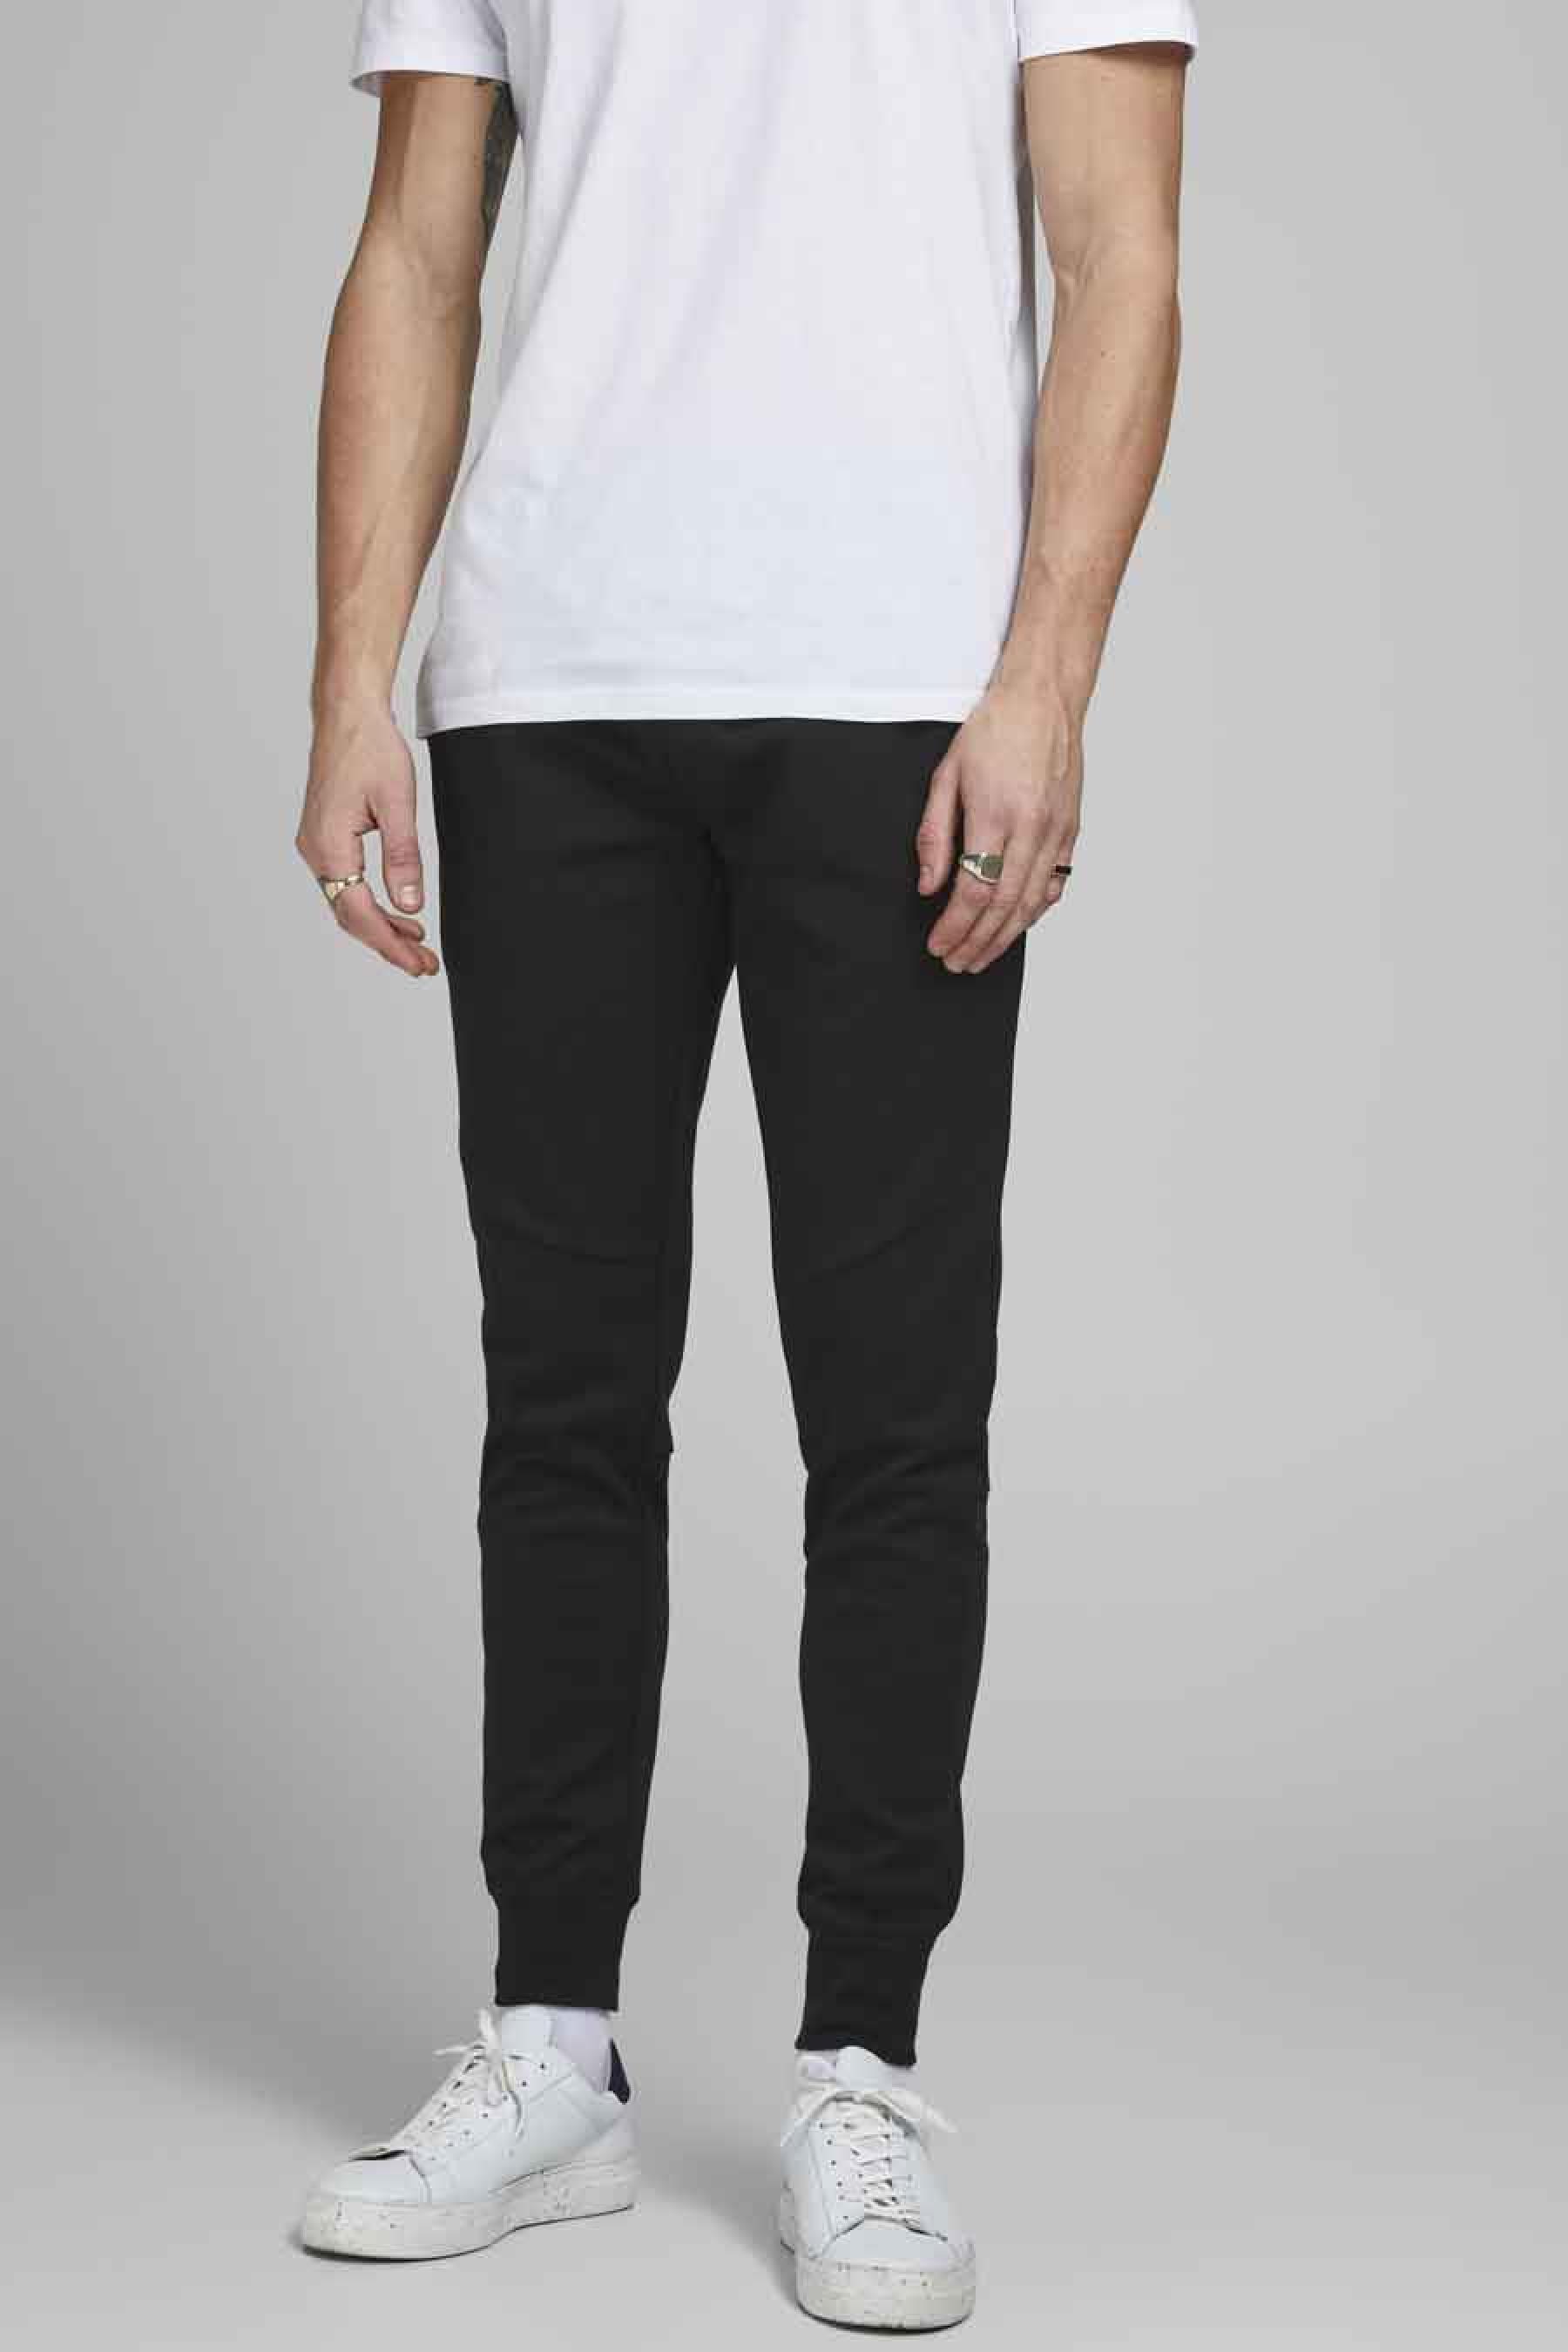 Jack & Jones Jeans Intelligenc Jogging, Zwart, Heren, Maat: L/M/S/XL/XS